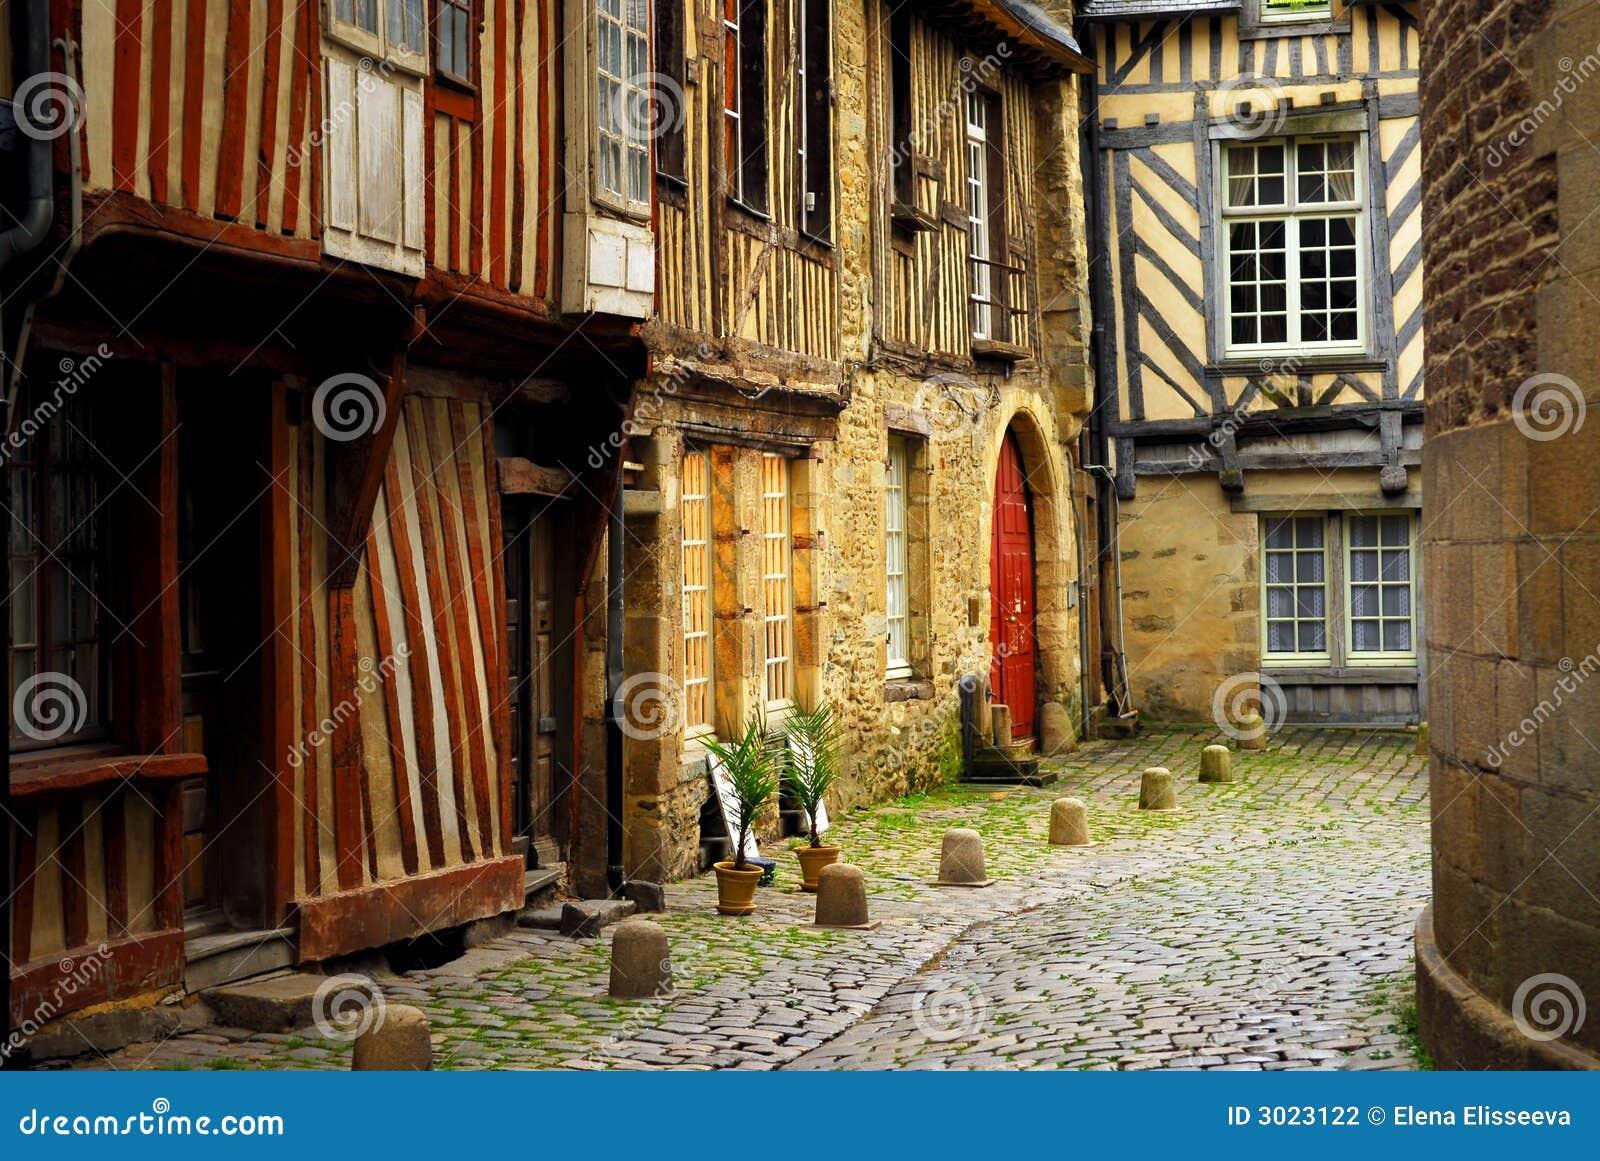 Mittelalterliche Häuser